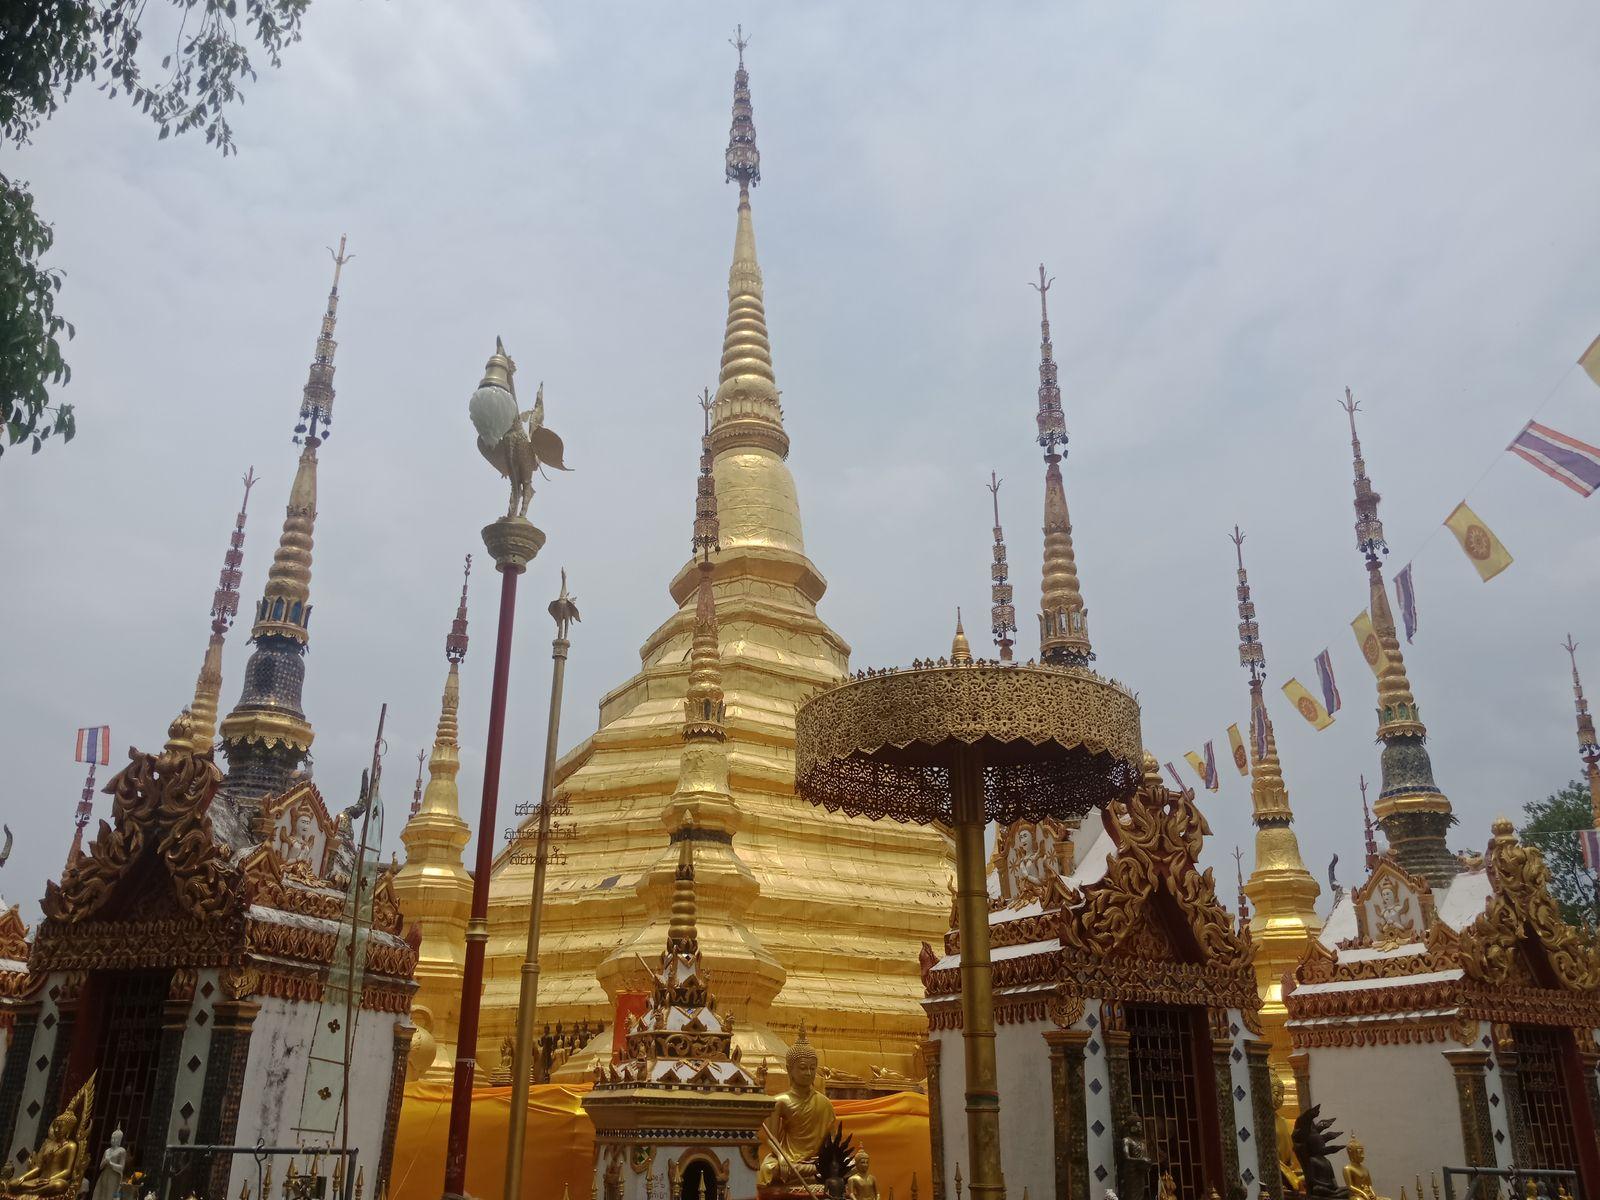 พระบรมธาตุบ้านตาก สร้างจำลองจากเจดีย์ชเวดากอง ประเทศพม่า สวยสดงดงาม